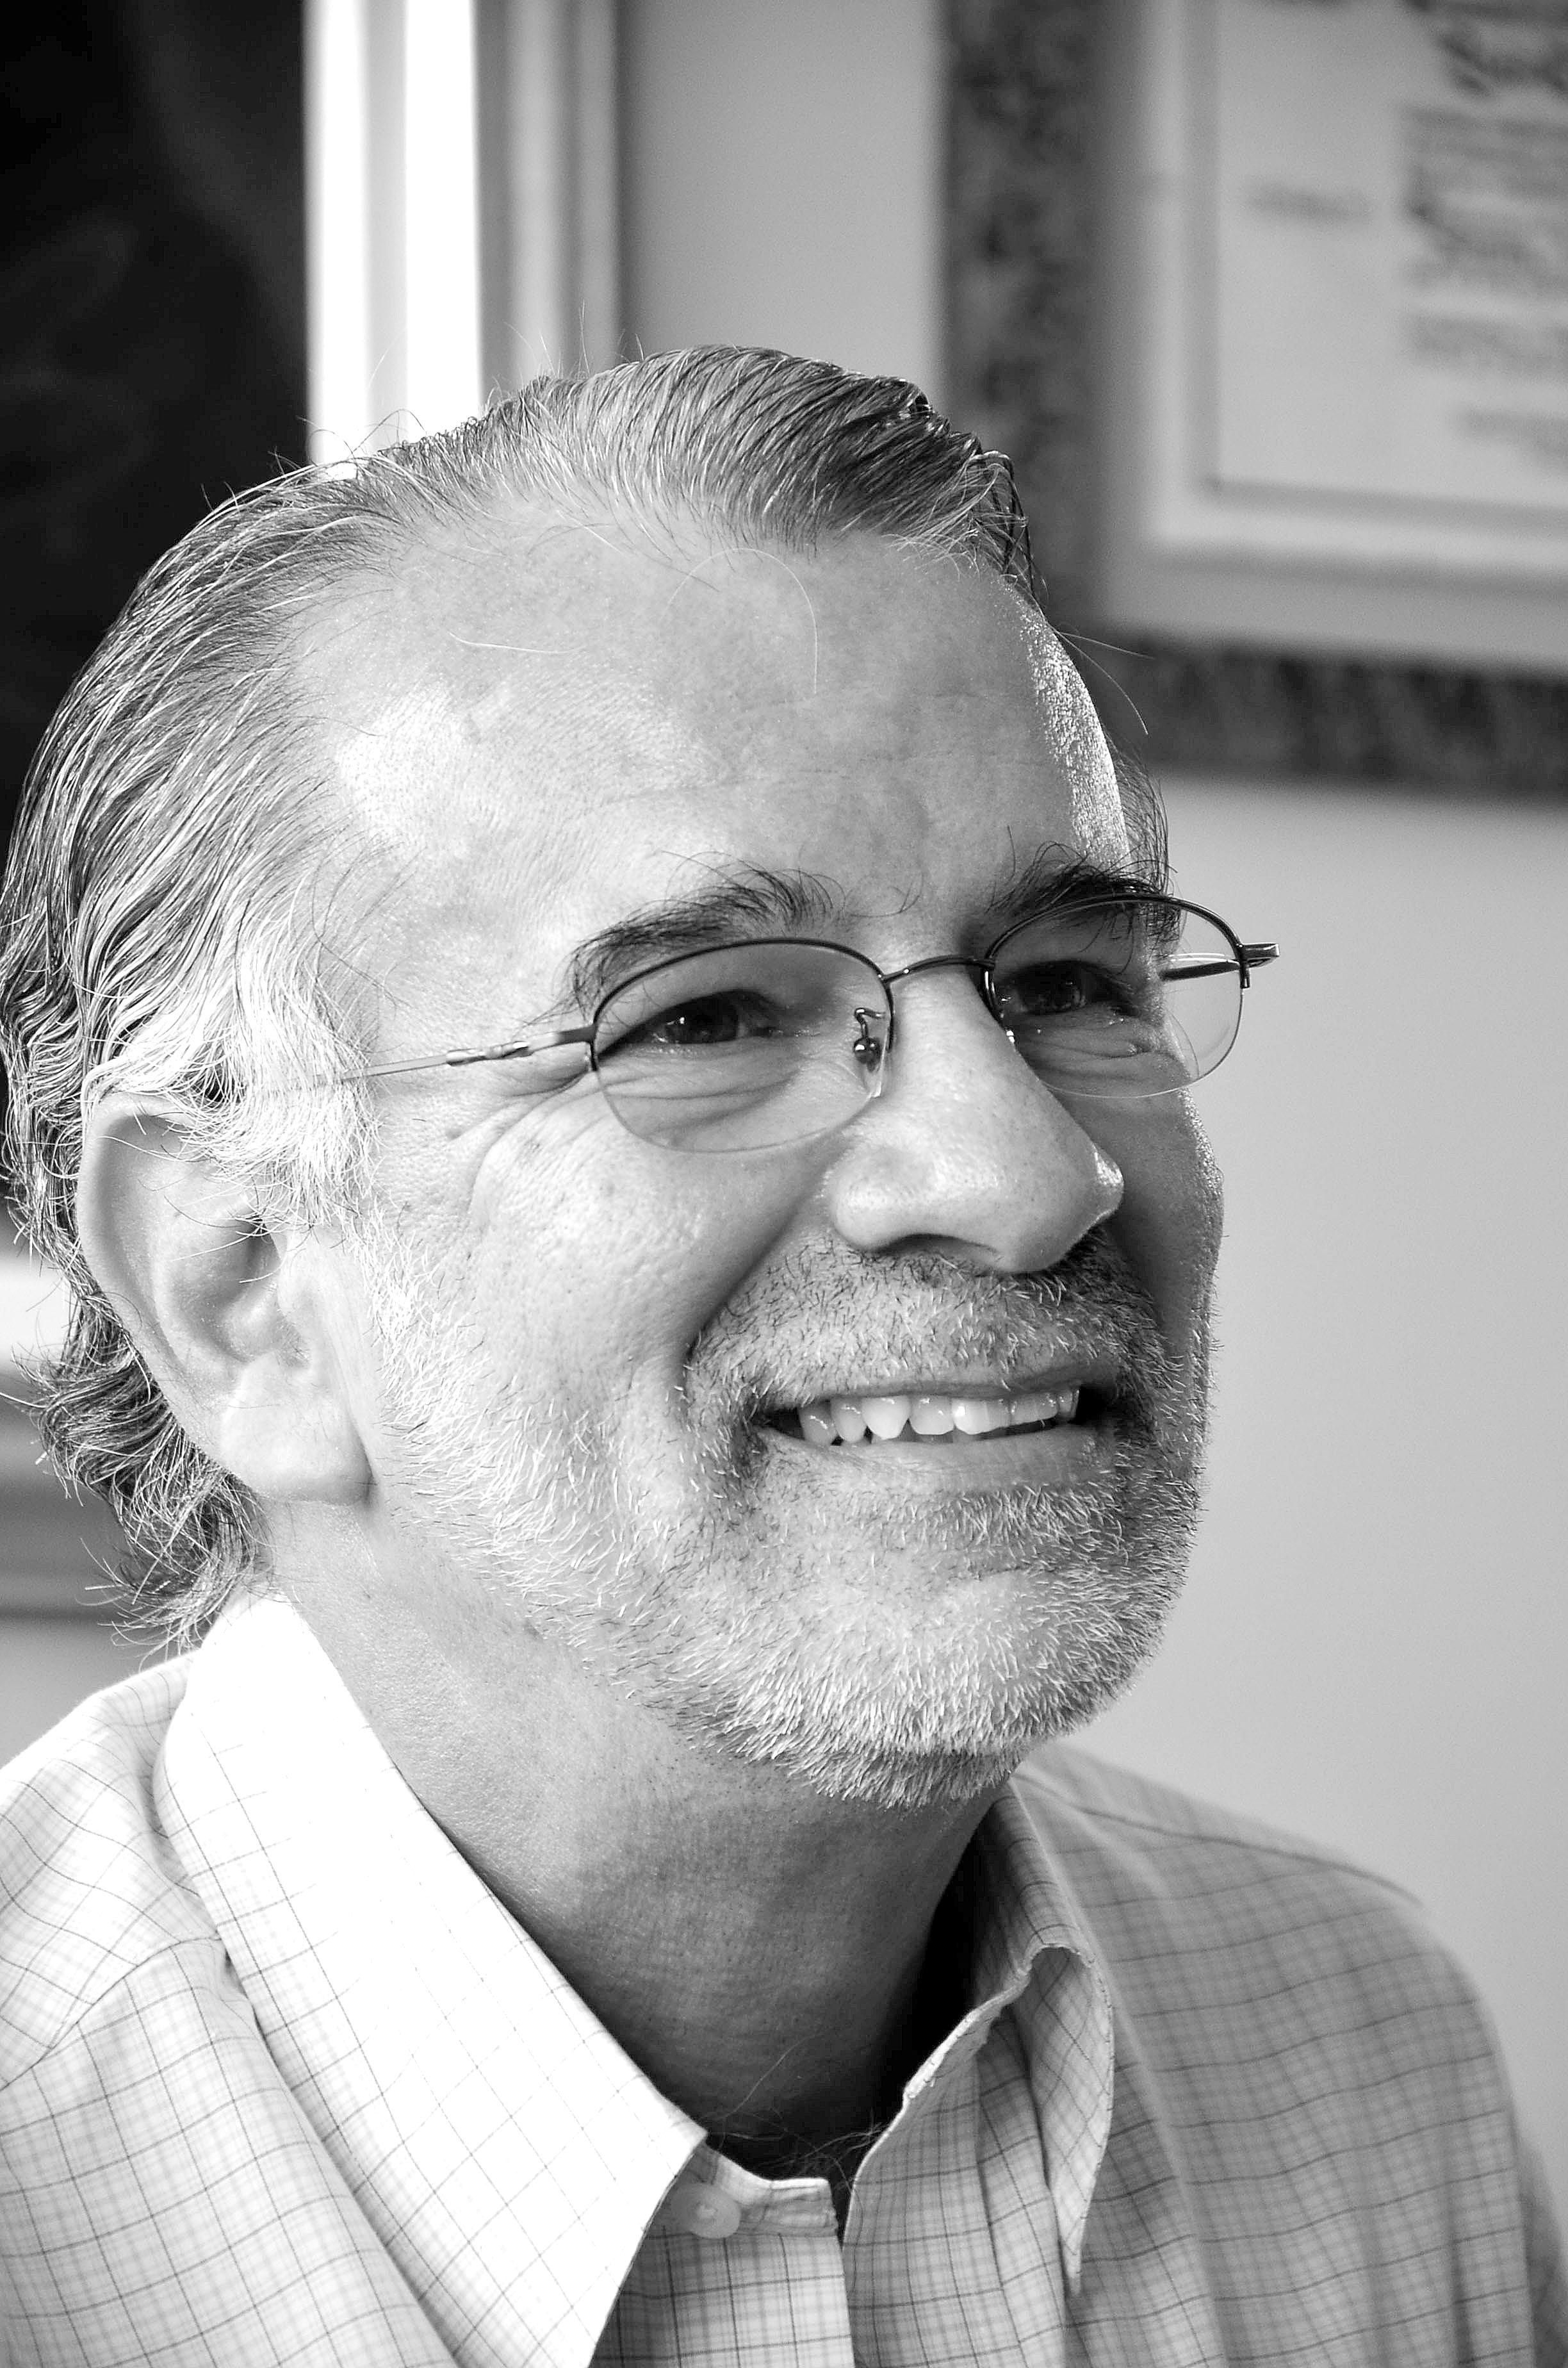 Levi y líderes sociales Por: Eduardo Verano de la Rosa   EL FRENTE